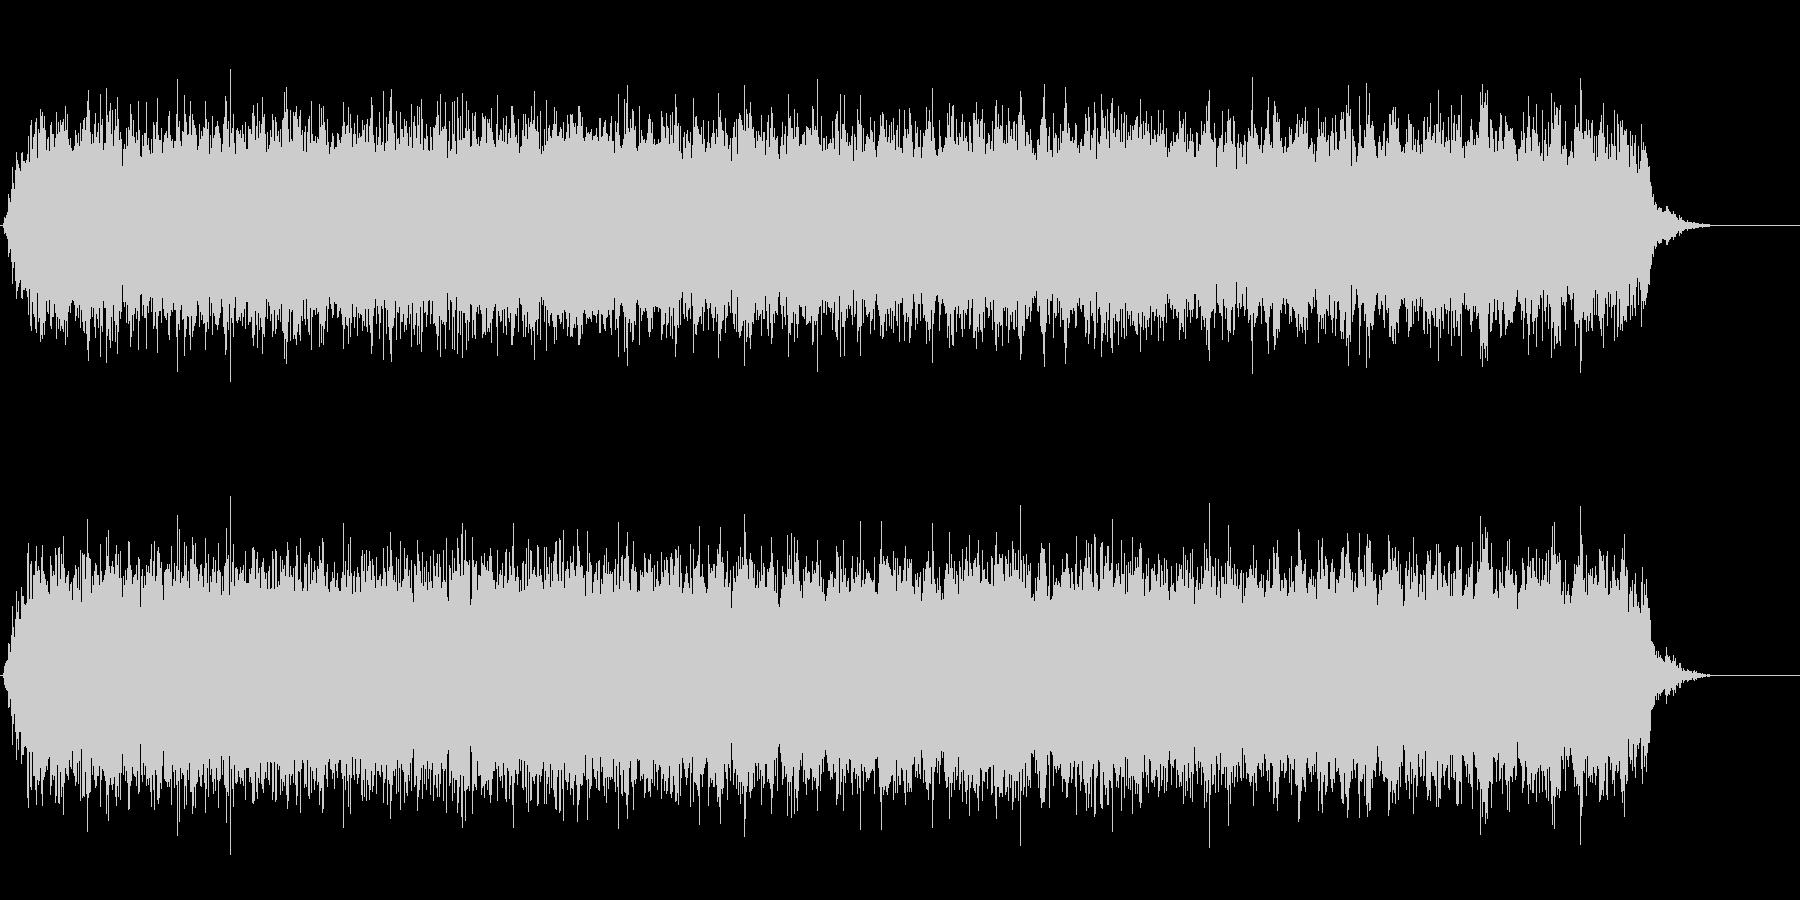 [生録音]ミキサーで混ぜる03-ロングの未再生の波形